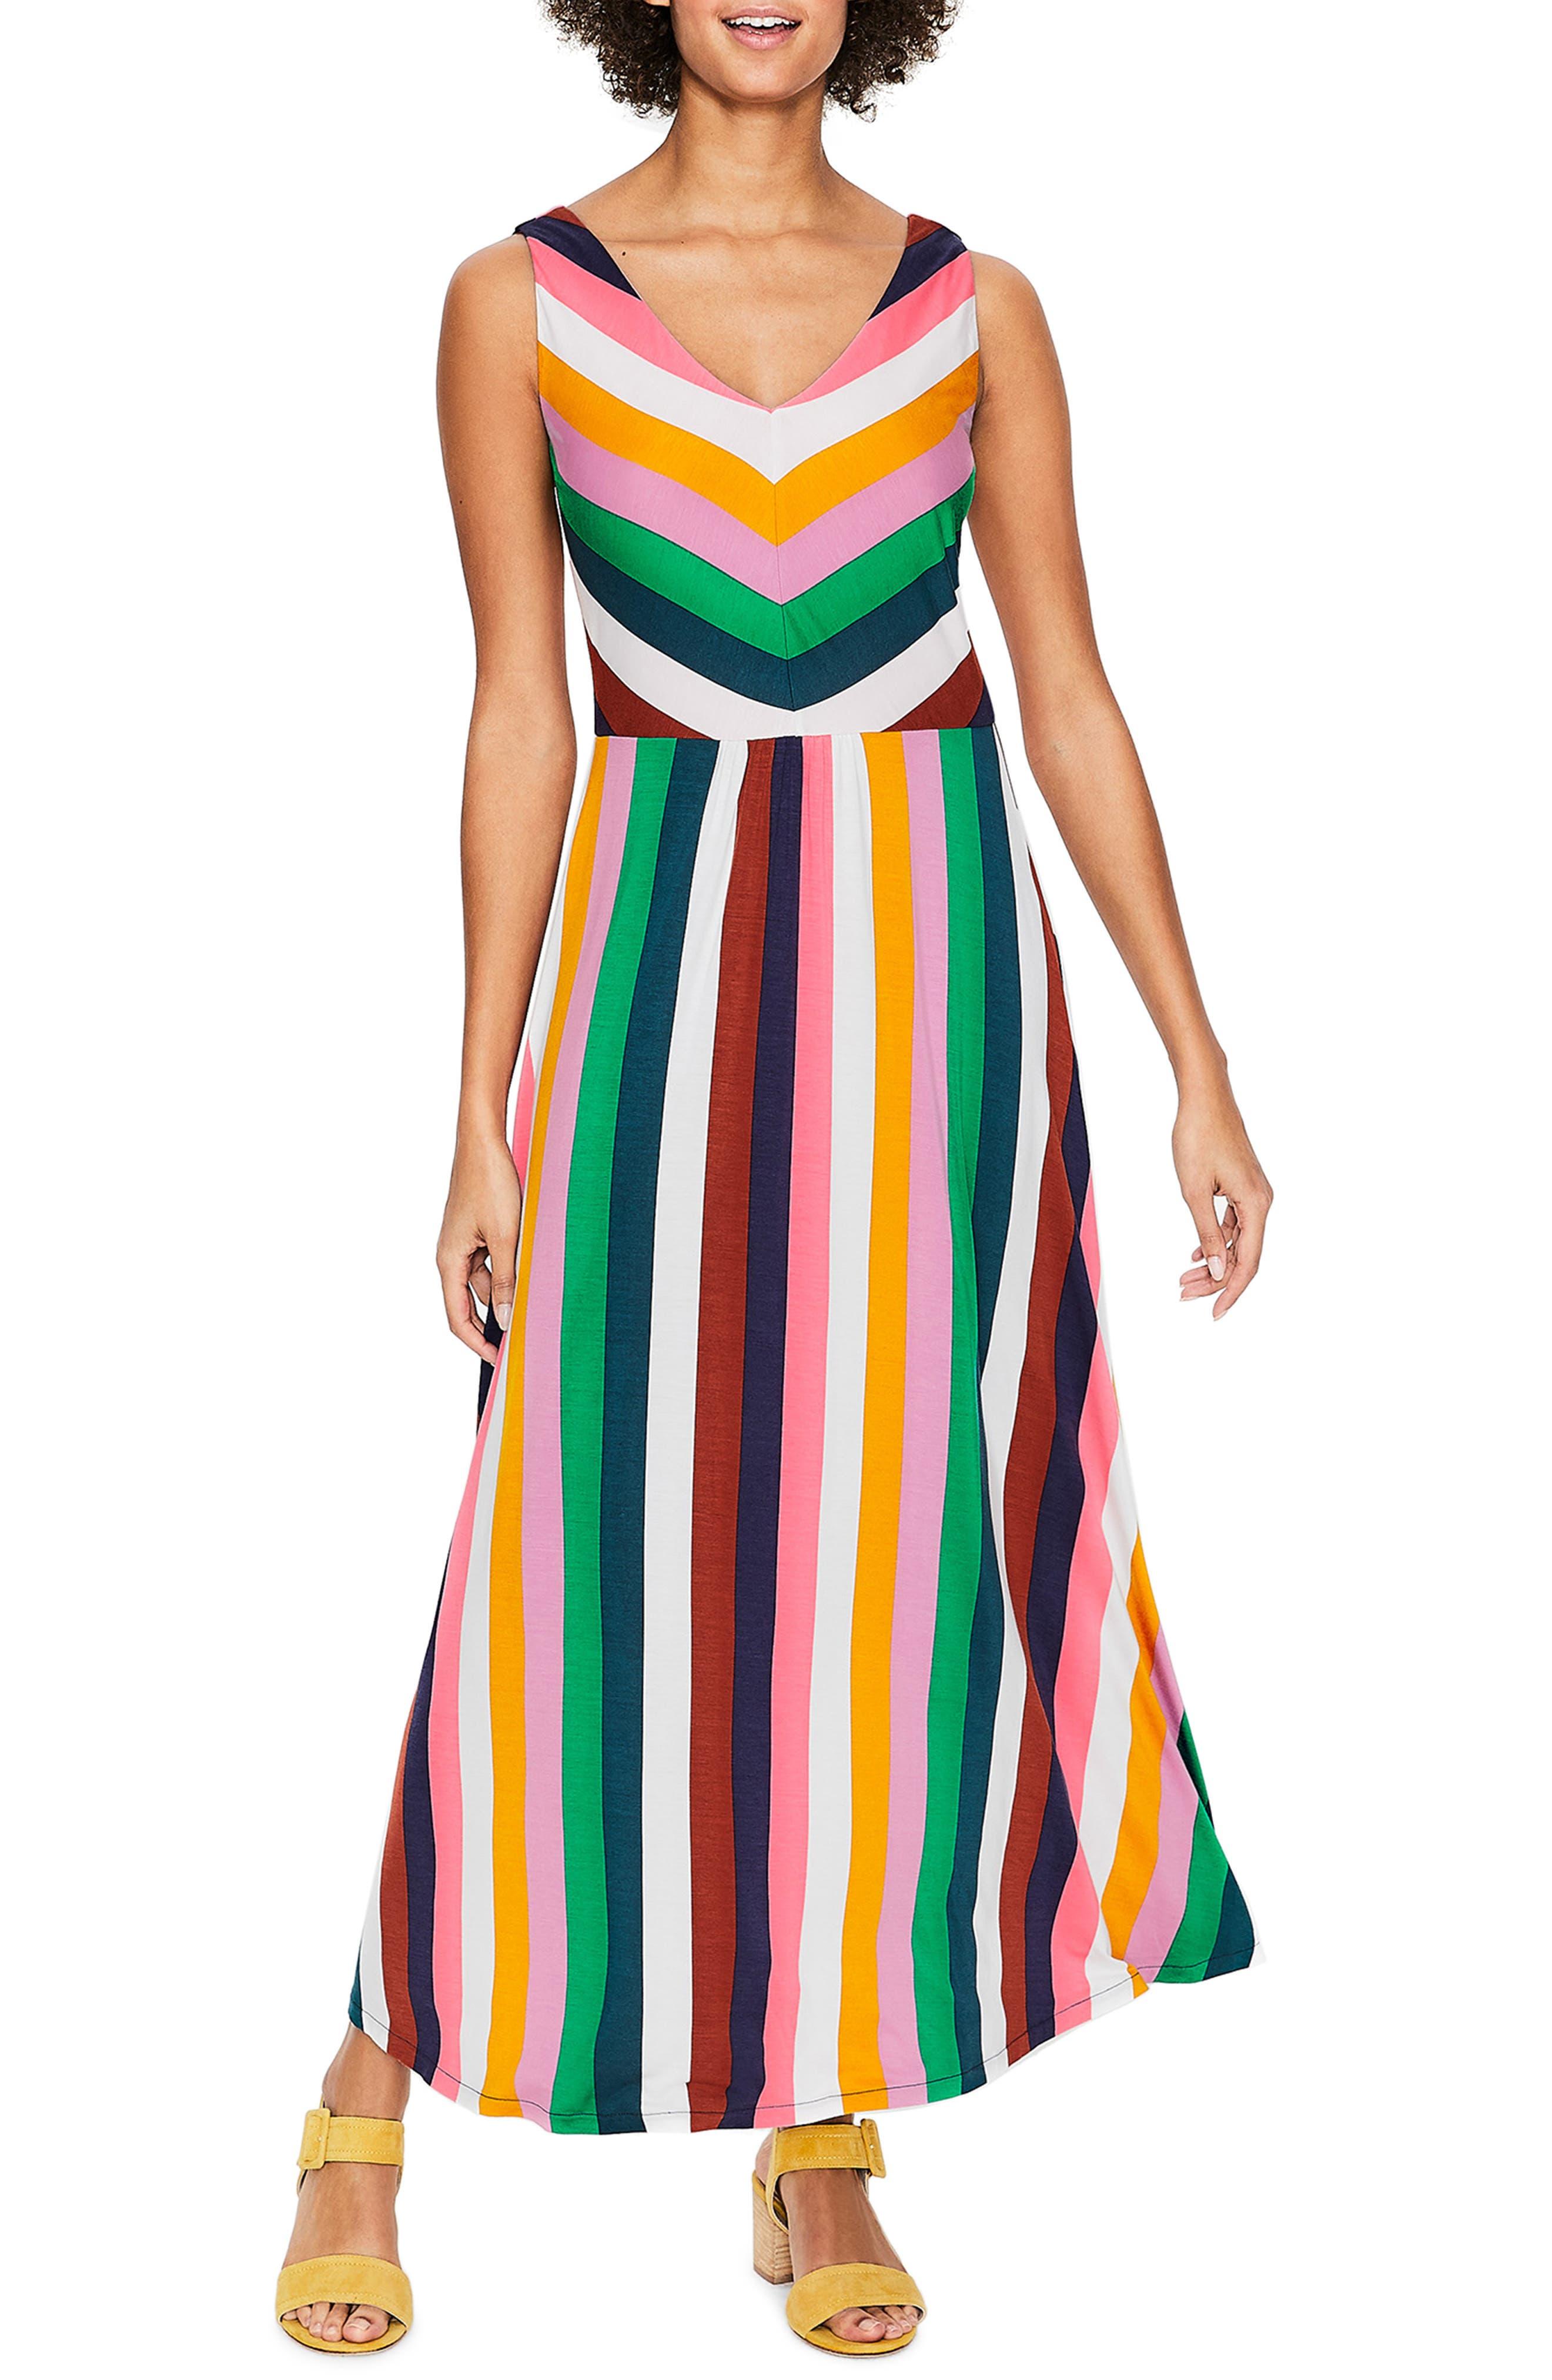 Petite Boden Octavia Jersey Midi Dress, Ivory